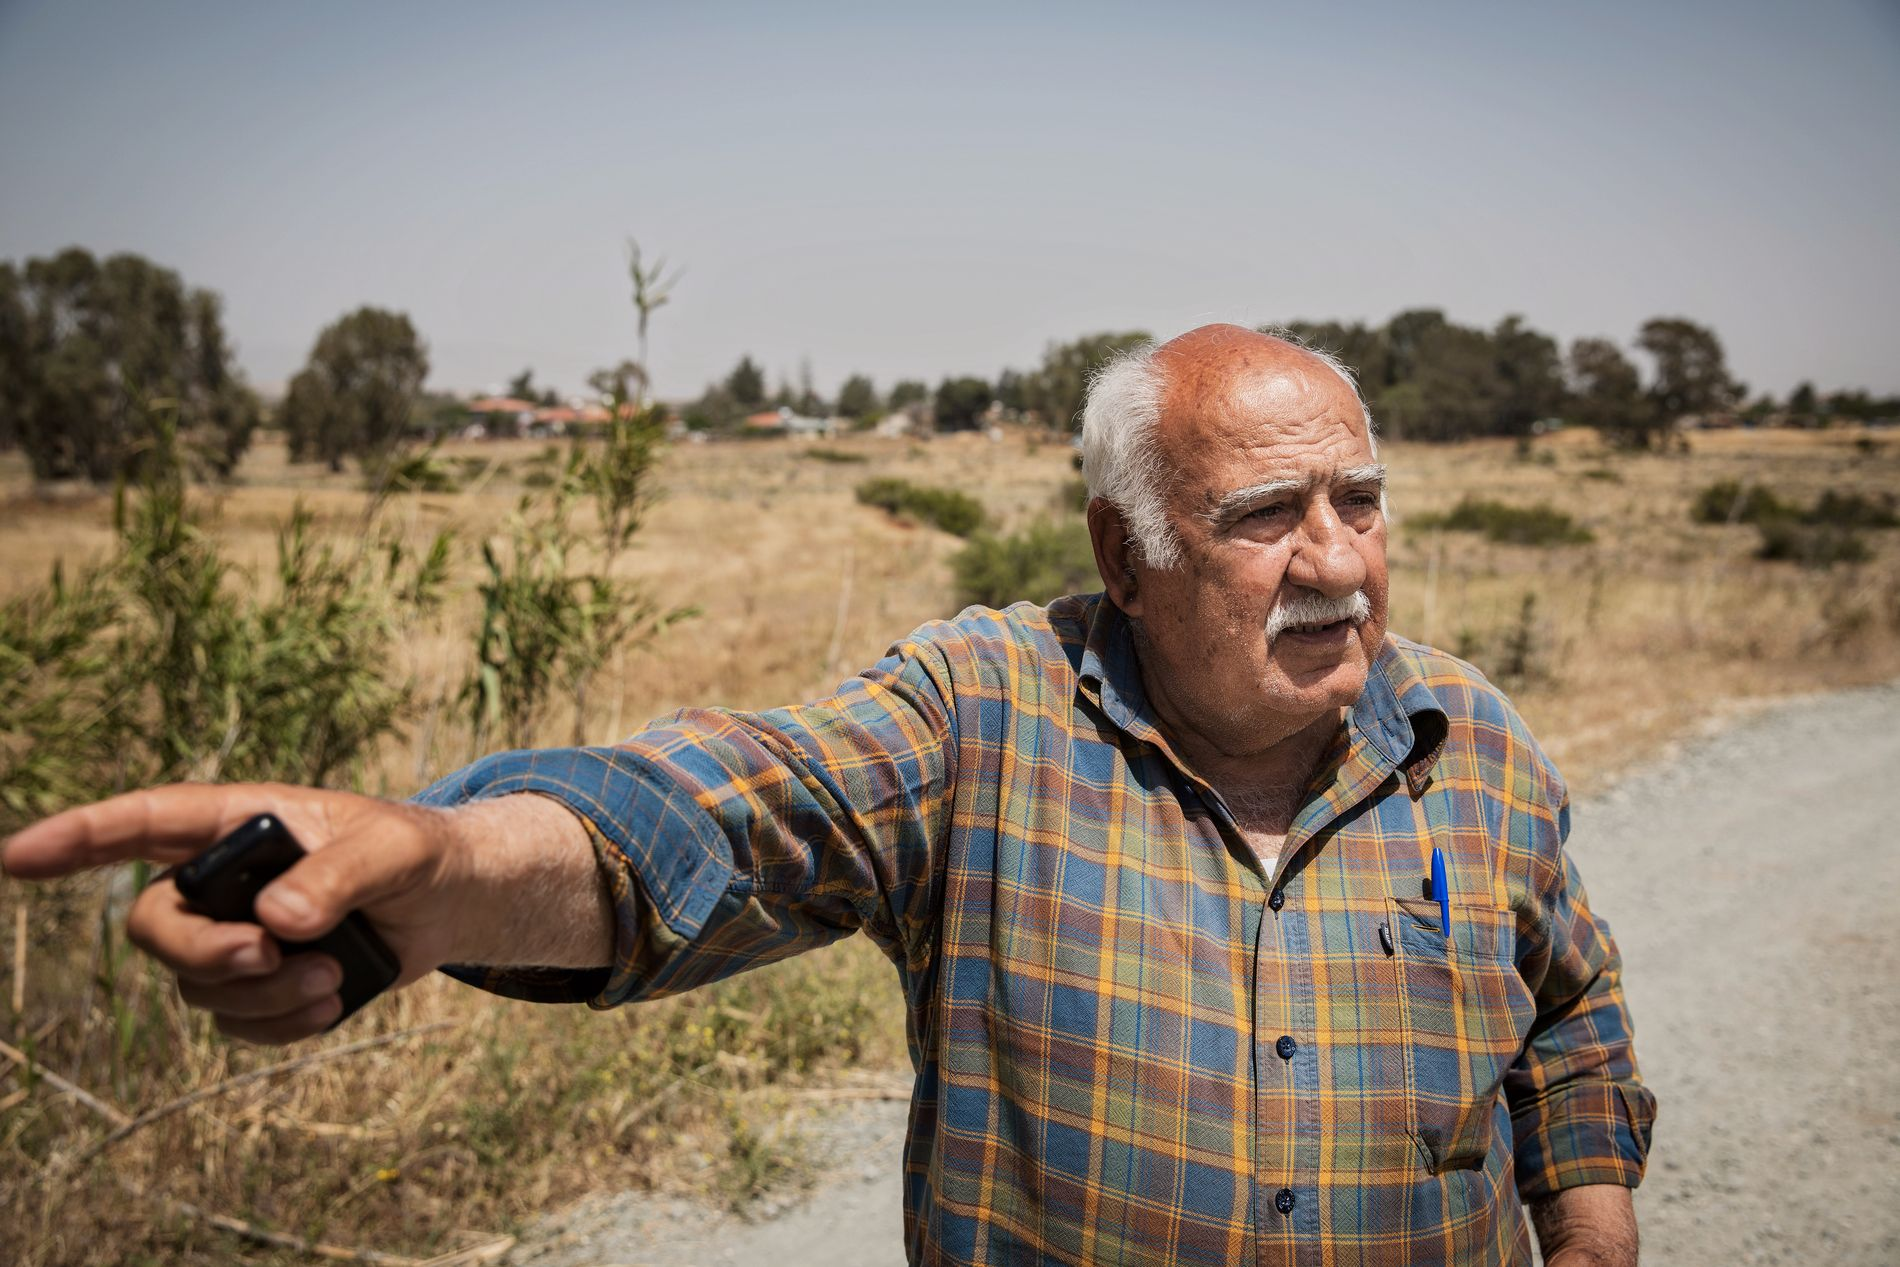 PEKER MOT NORD-KYPROS: Den pensjonerte politisjefen Andreas Christoforides (73), forklarer VG hvor enkelt det er å krysse over til den tyrkiske delen av Kypros, utenom de lovlige grensepostene.